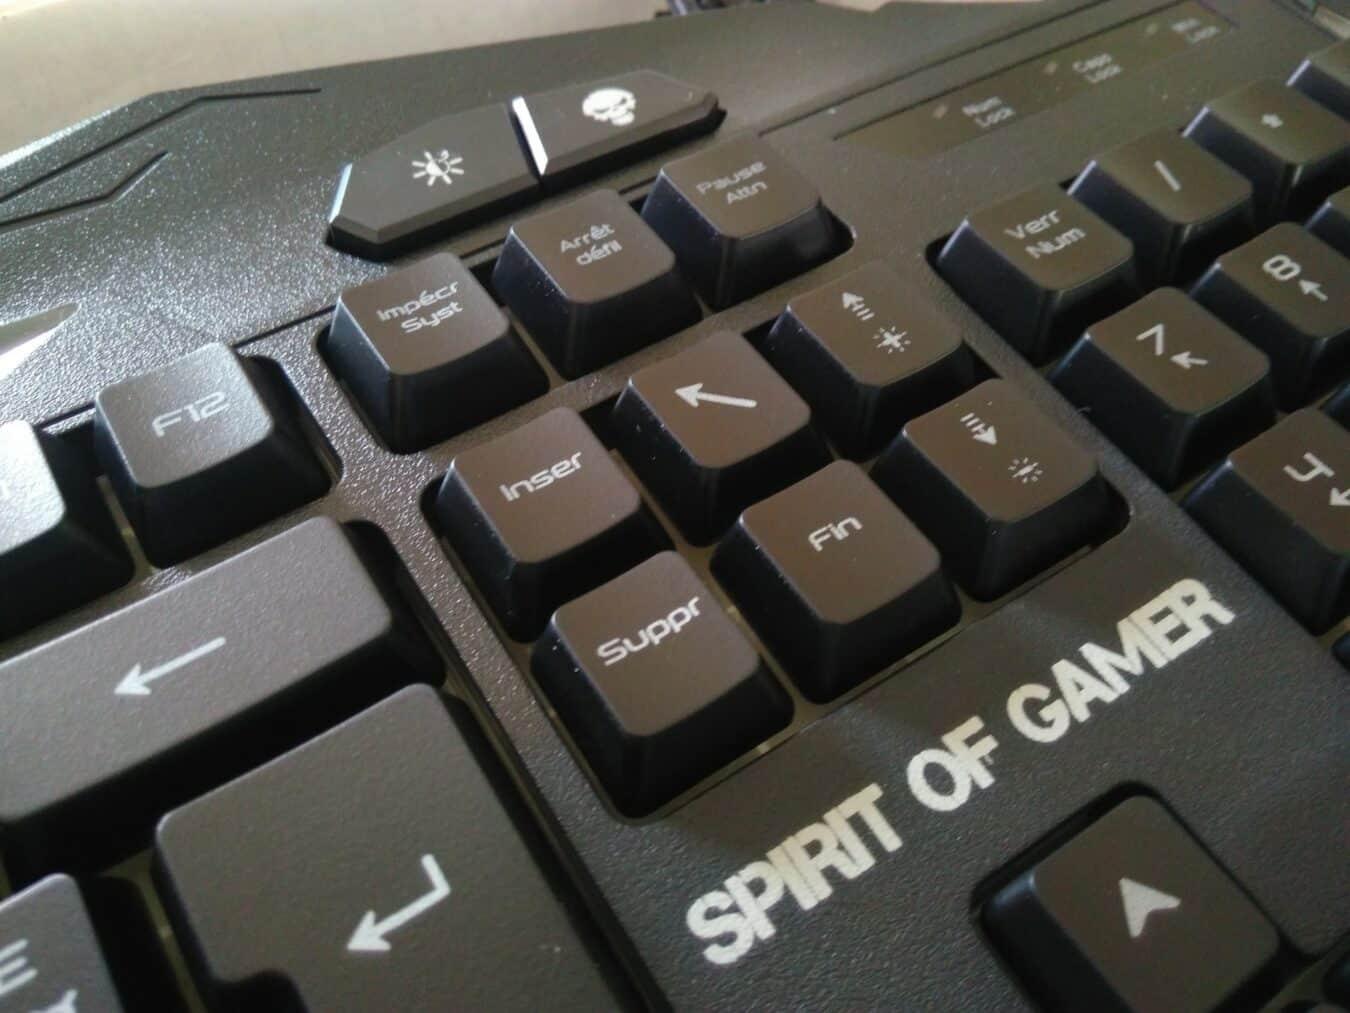 Avis du Spirit of Gamer Elite-K20